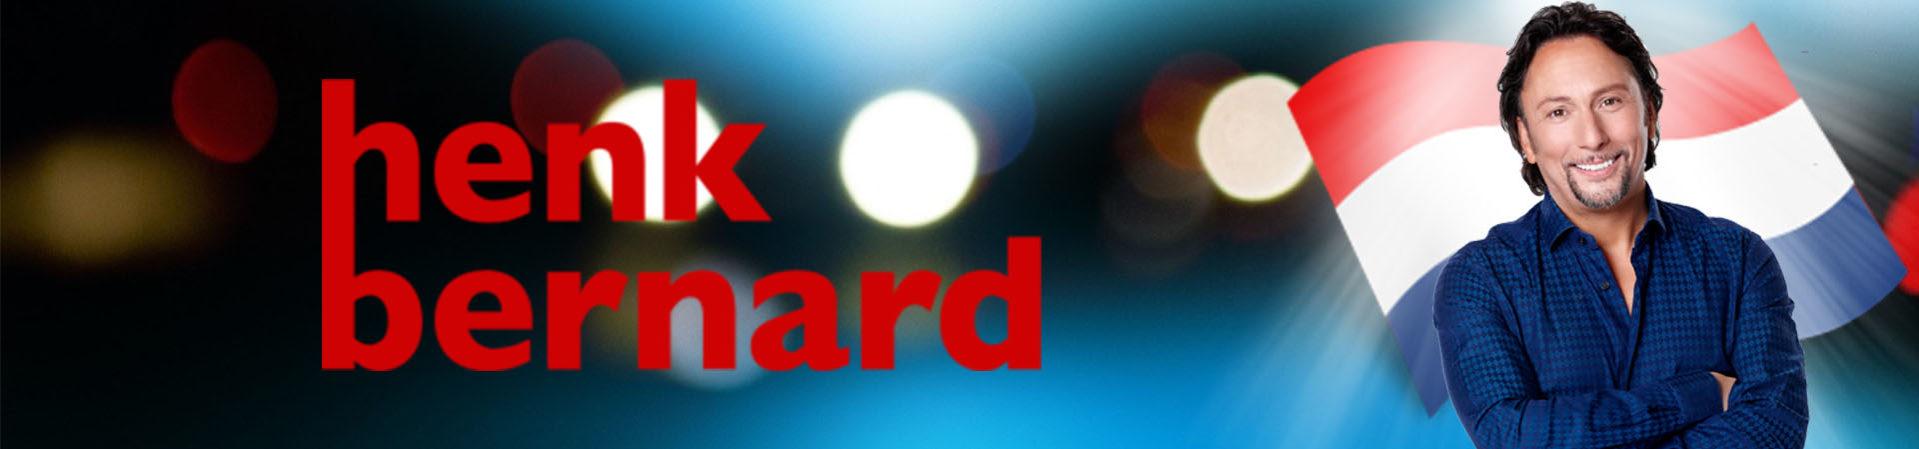 1920x450_henk_bernard